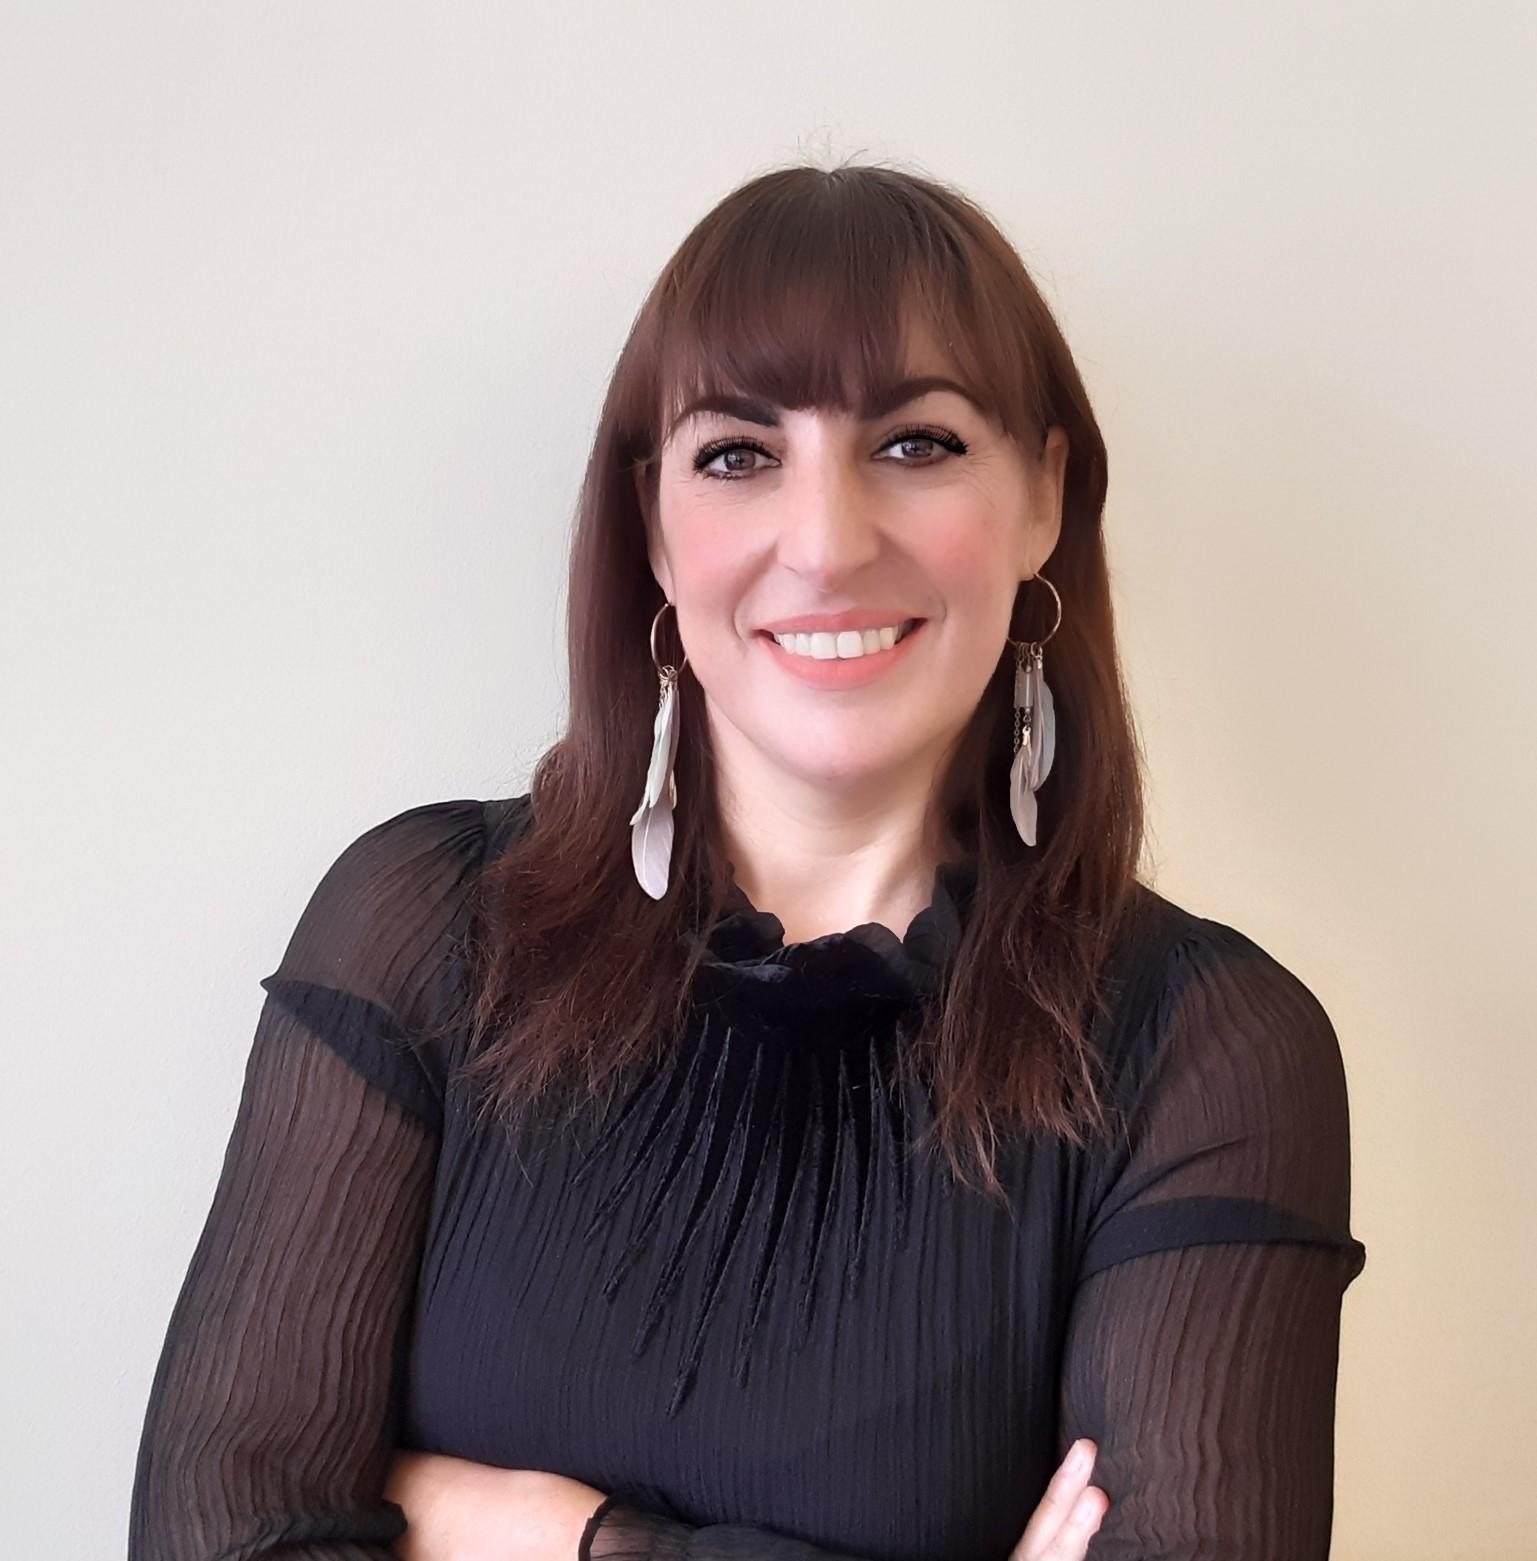 Juana Ferragut Martínez